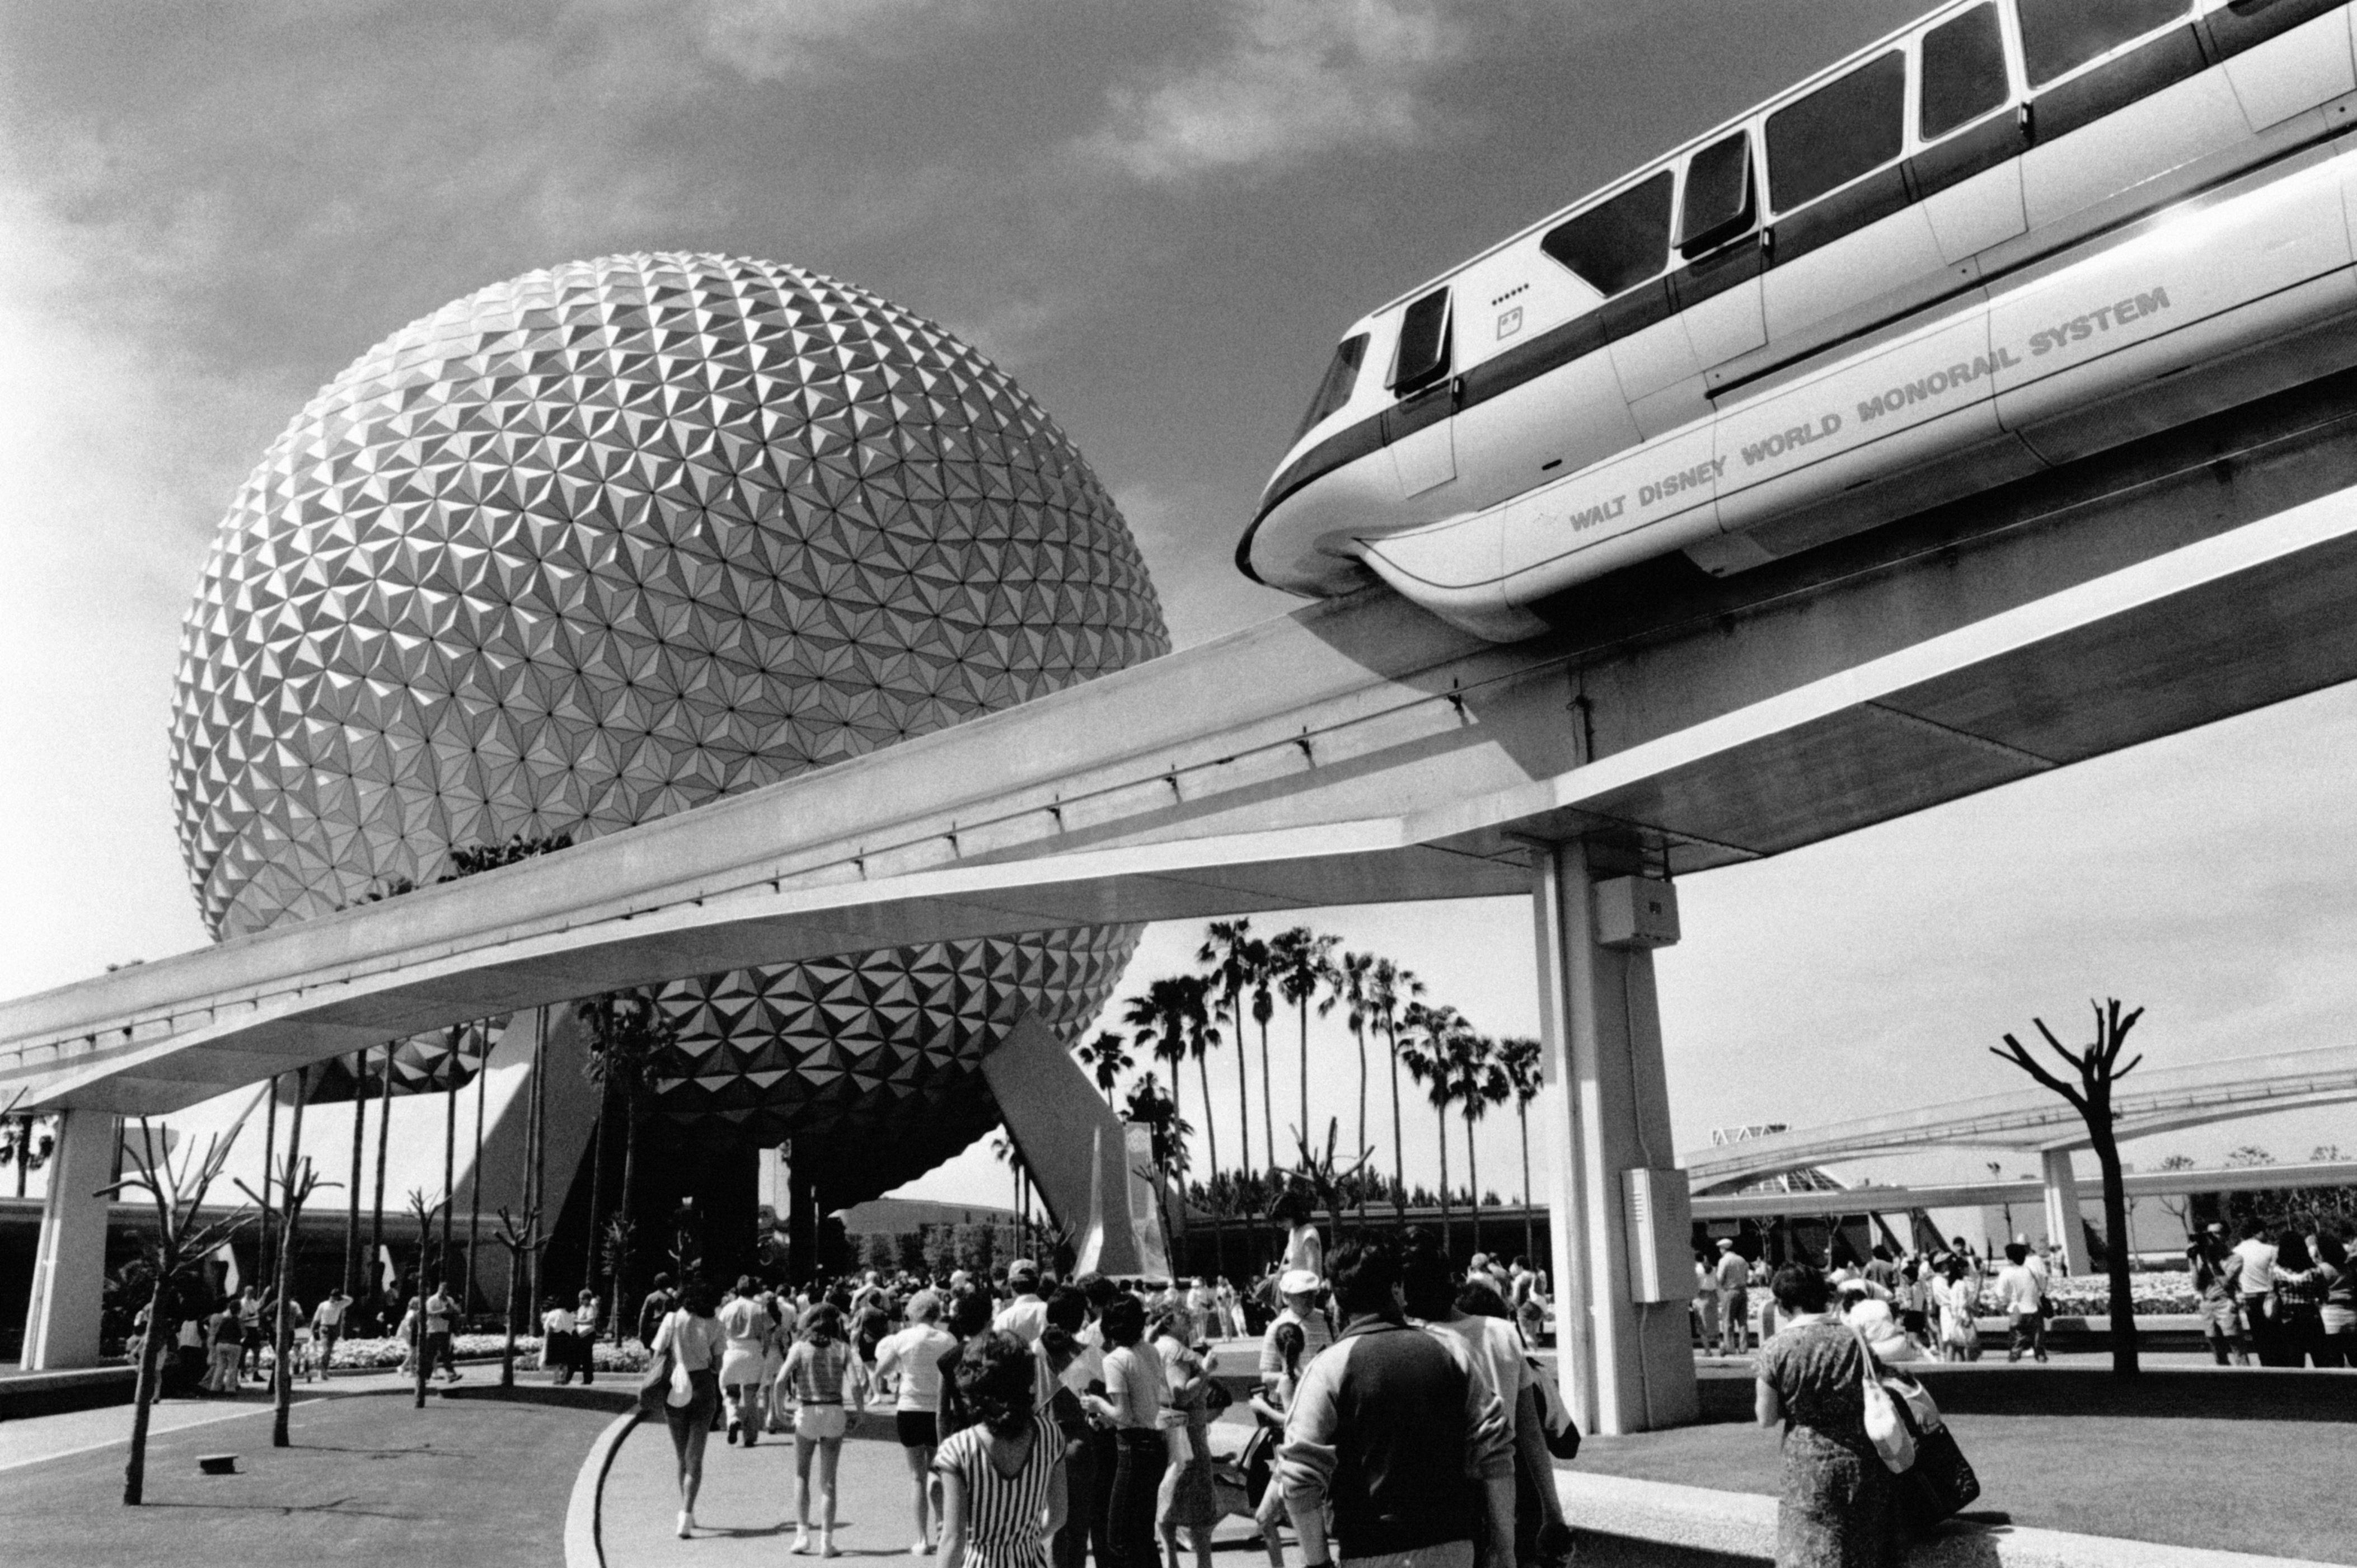 Slide 31 of 33: La sphère Spaceship Earth d'EPCOT Center dans le parc Walt Disney World Resort, à Orlando en Floride, aux Etats-Unis, en avril 1984. (Photo by Michel BARET/Gamma-Rapho via Getty Images)